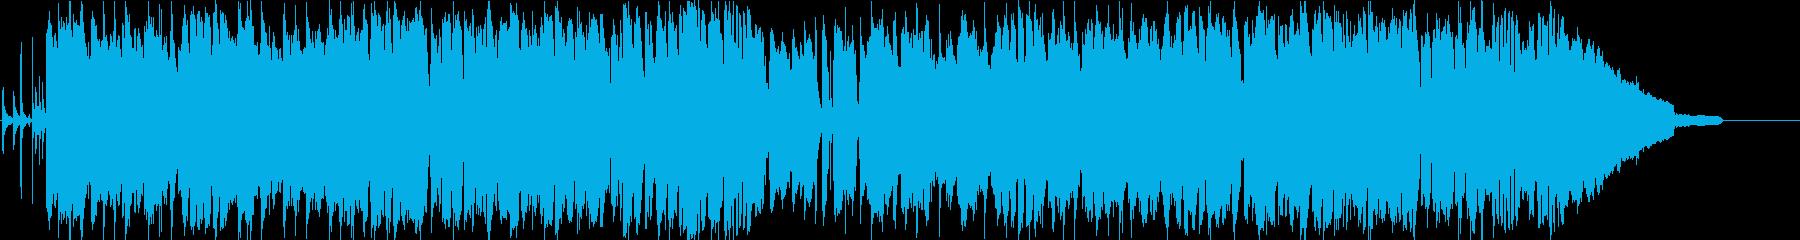 ブルース ウィスキー バー けだるい の再生済みの波形